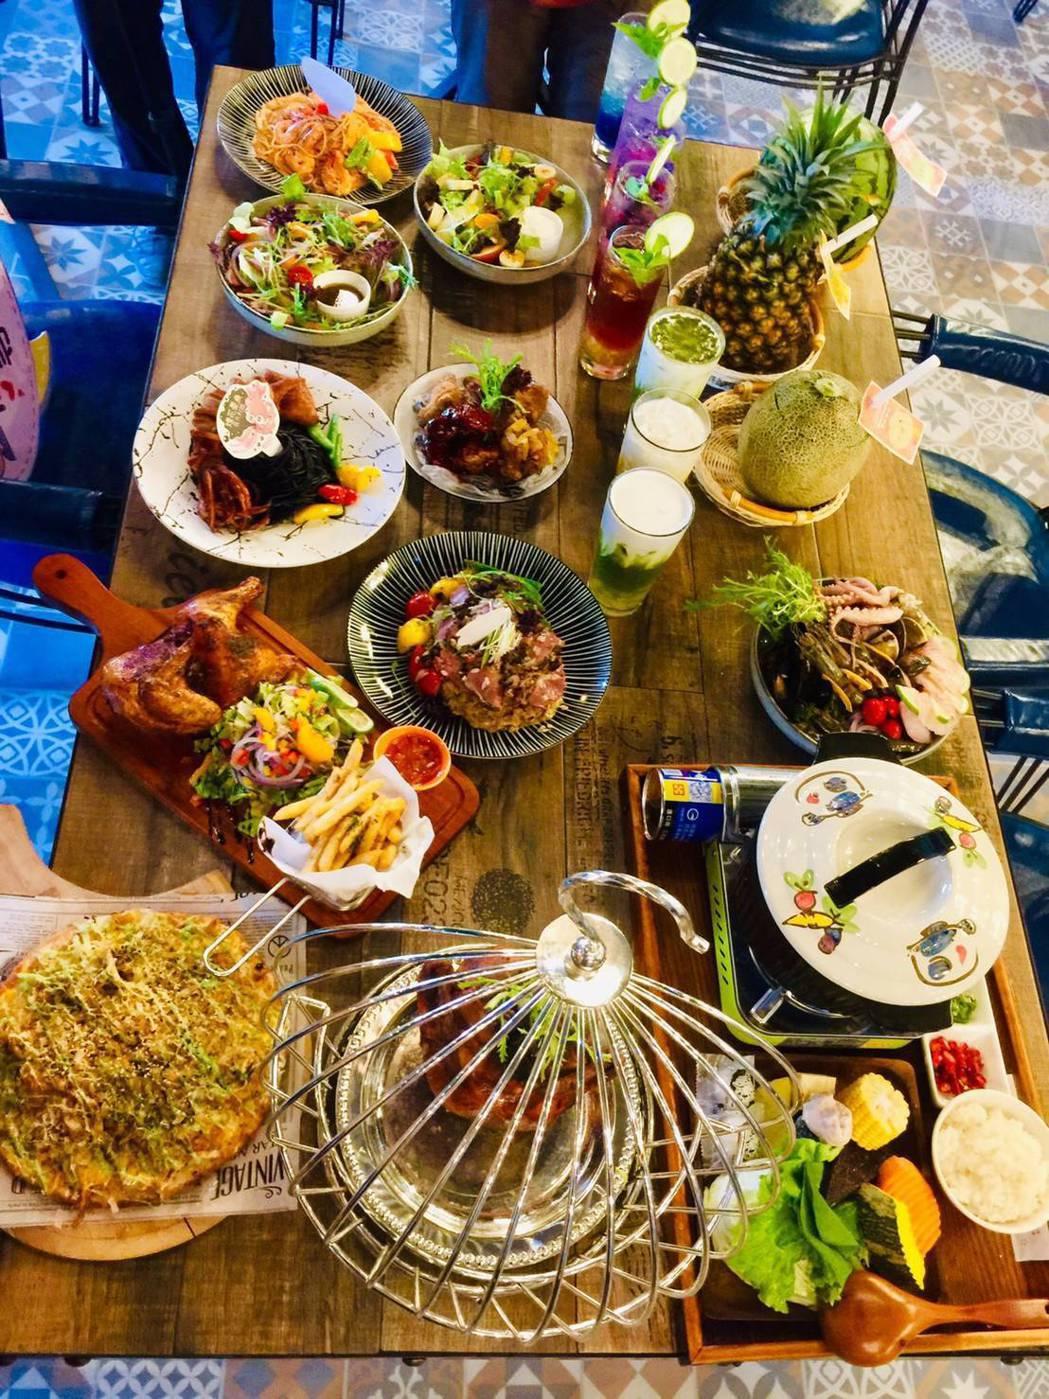 高雄陽光皇后推出噱頭鳥籠雞、盤上雲朵舒芙蕾、浪漫漸層系飲料,還有許多創意主廚料理...